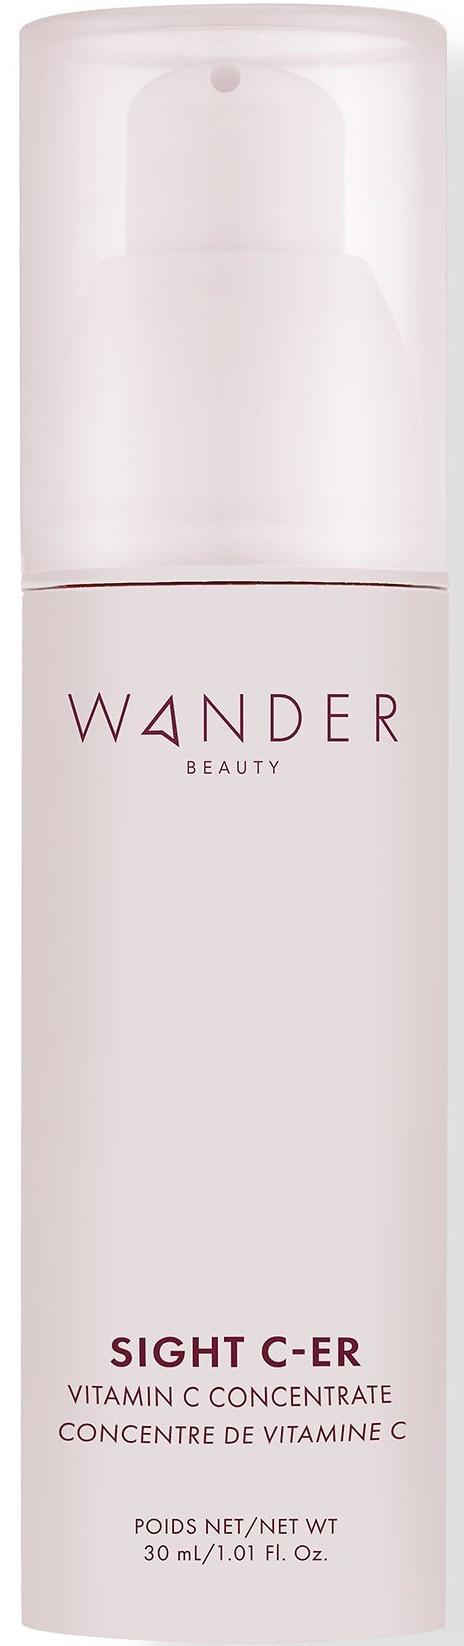 Wander Beauty Sight C-Er